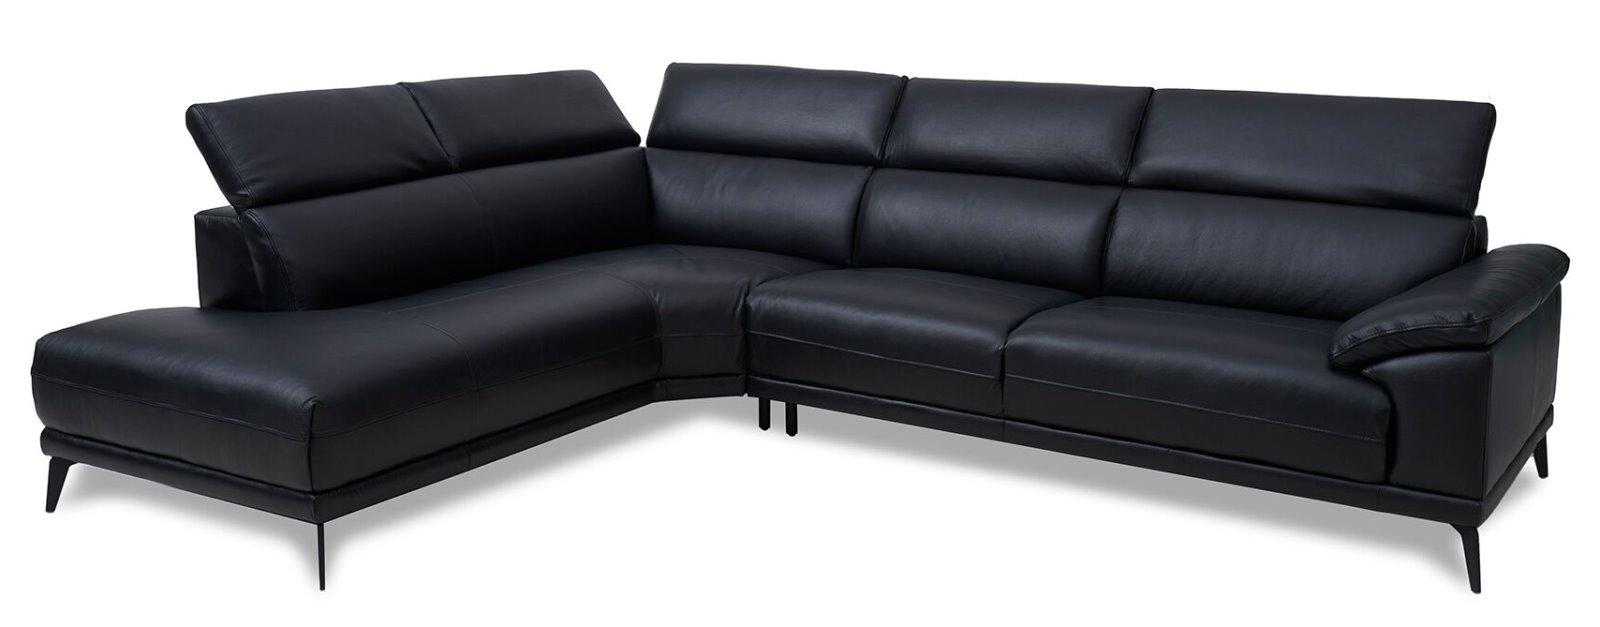 Full Size of Sofa Leder Eckcouch Samos In Schwarz Wohnlandschaft Couch Relaxfunktion Rahaus Esszimmer Erpo Konfigurator U Form Xxl Bunt Mit 3 Sitzer Ausziehbar Hocker Sofa Sofa Leder